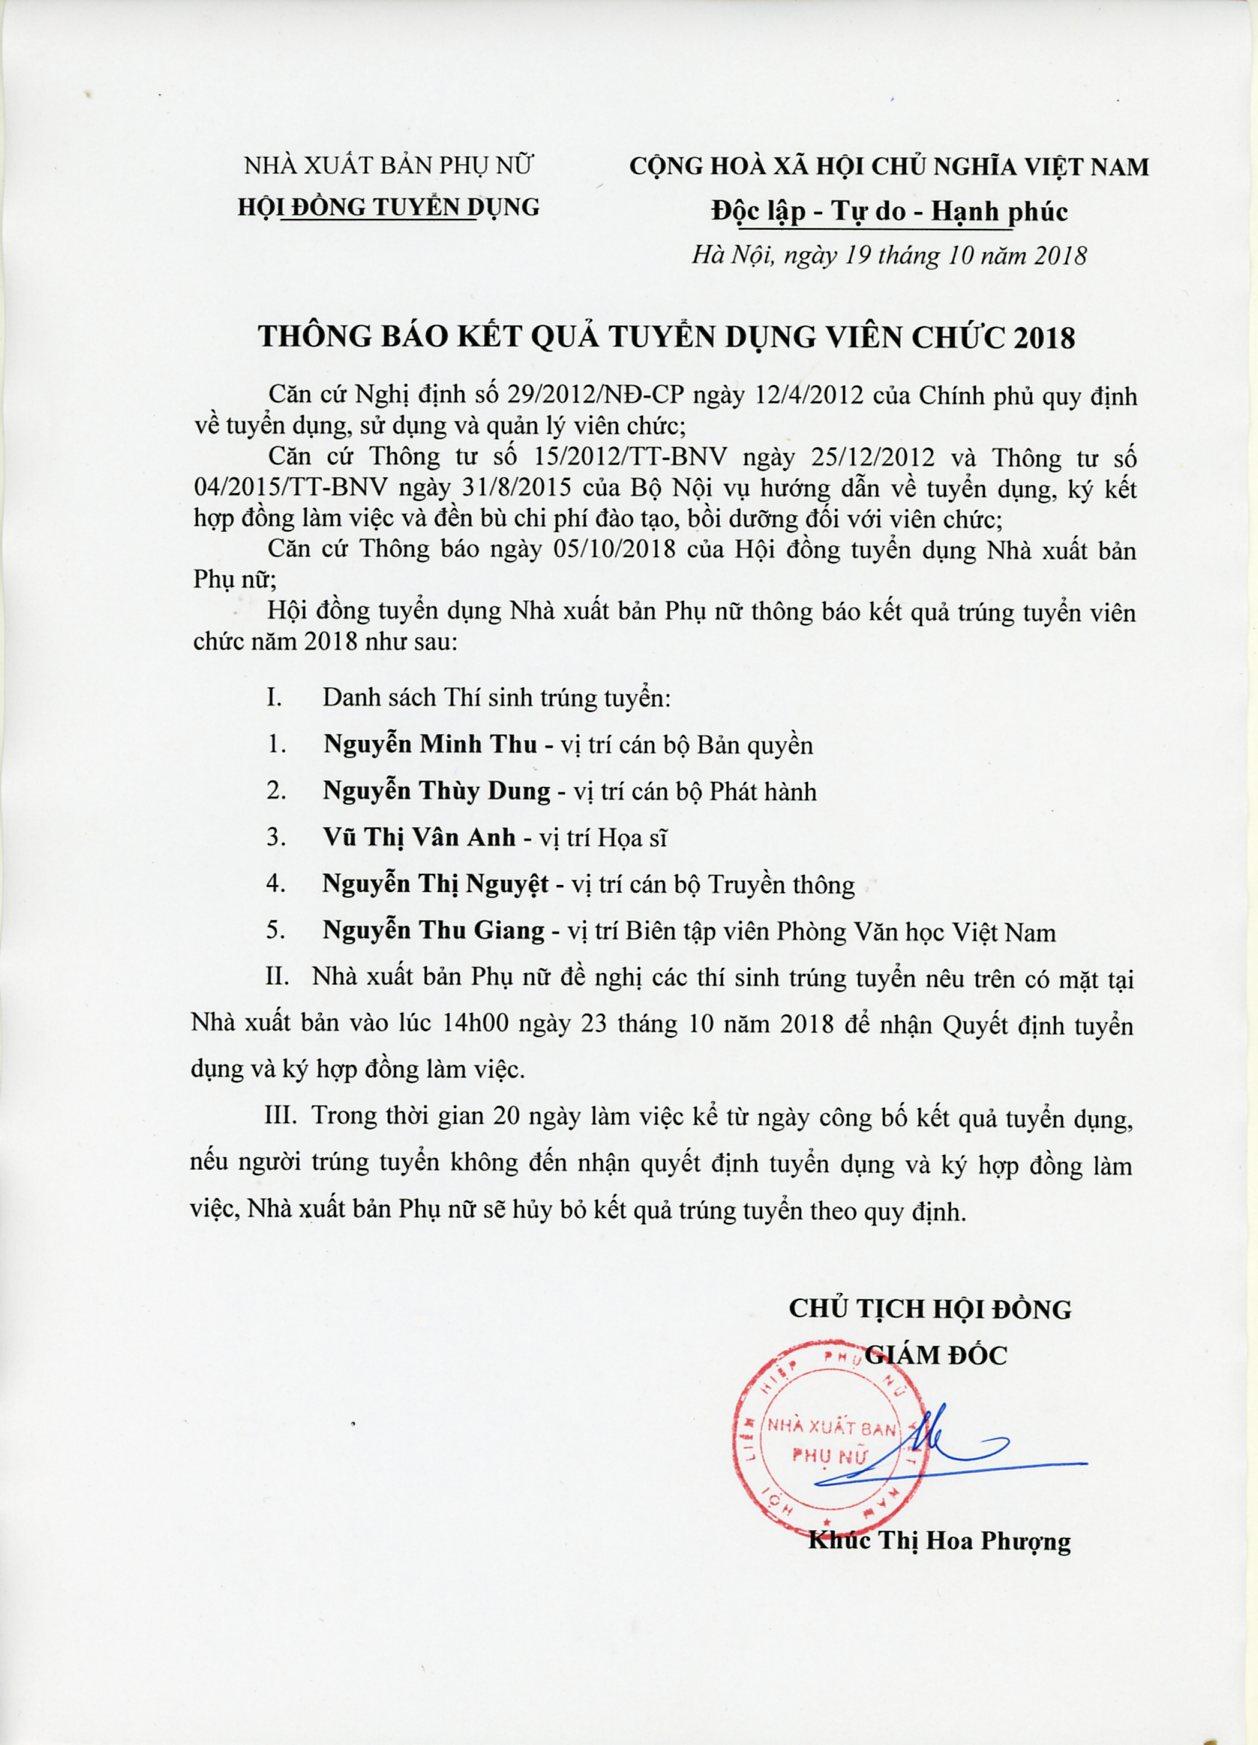 nxb-phu-nu-thong-bao-trung-tuyen